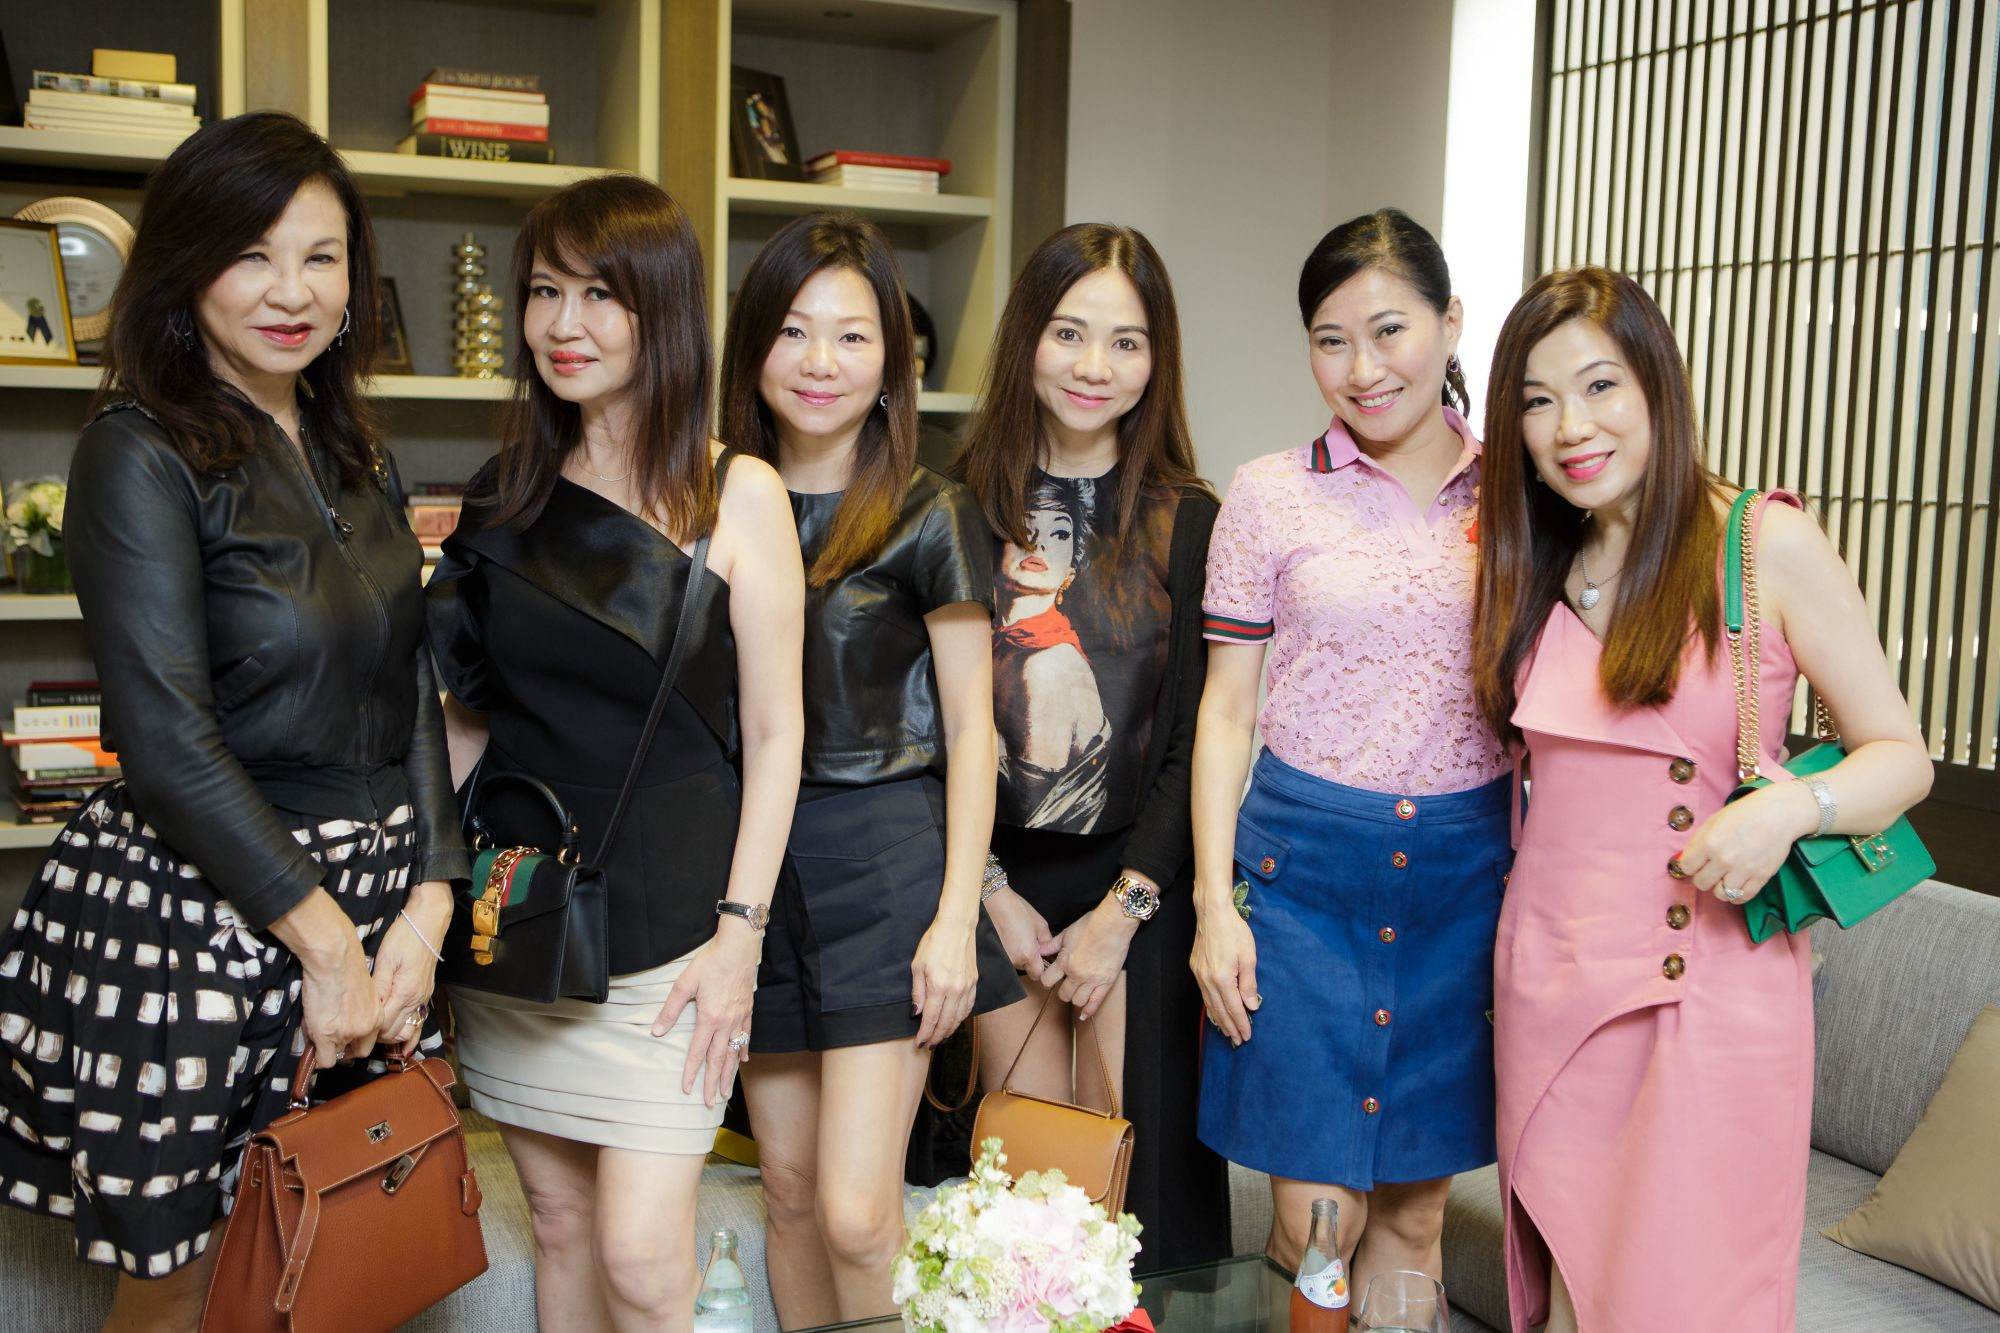 Violet Yeo, Evelyn Sam, Angela Ng, Jacelyn Lai, Tan Khar Nai, Susan Peh